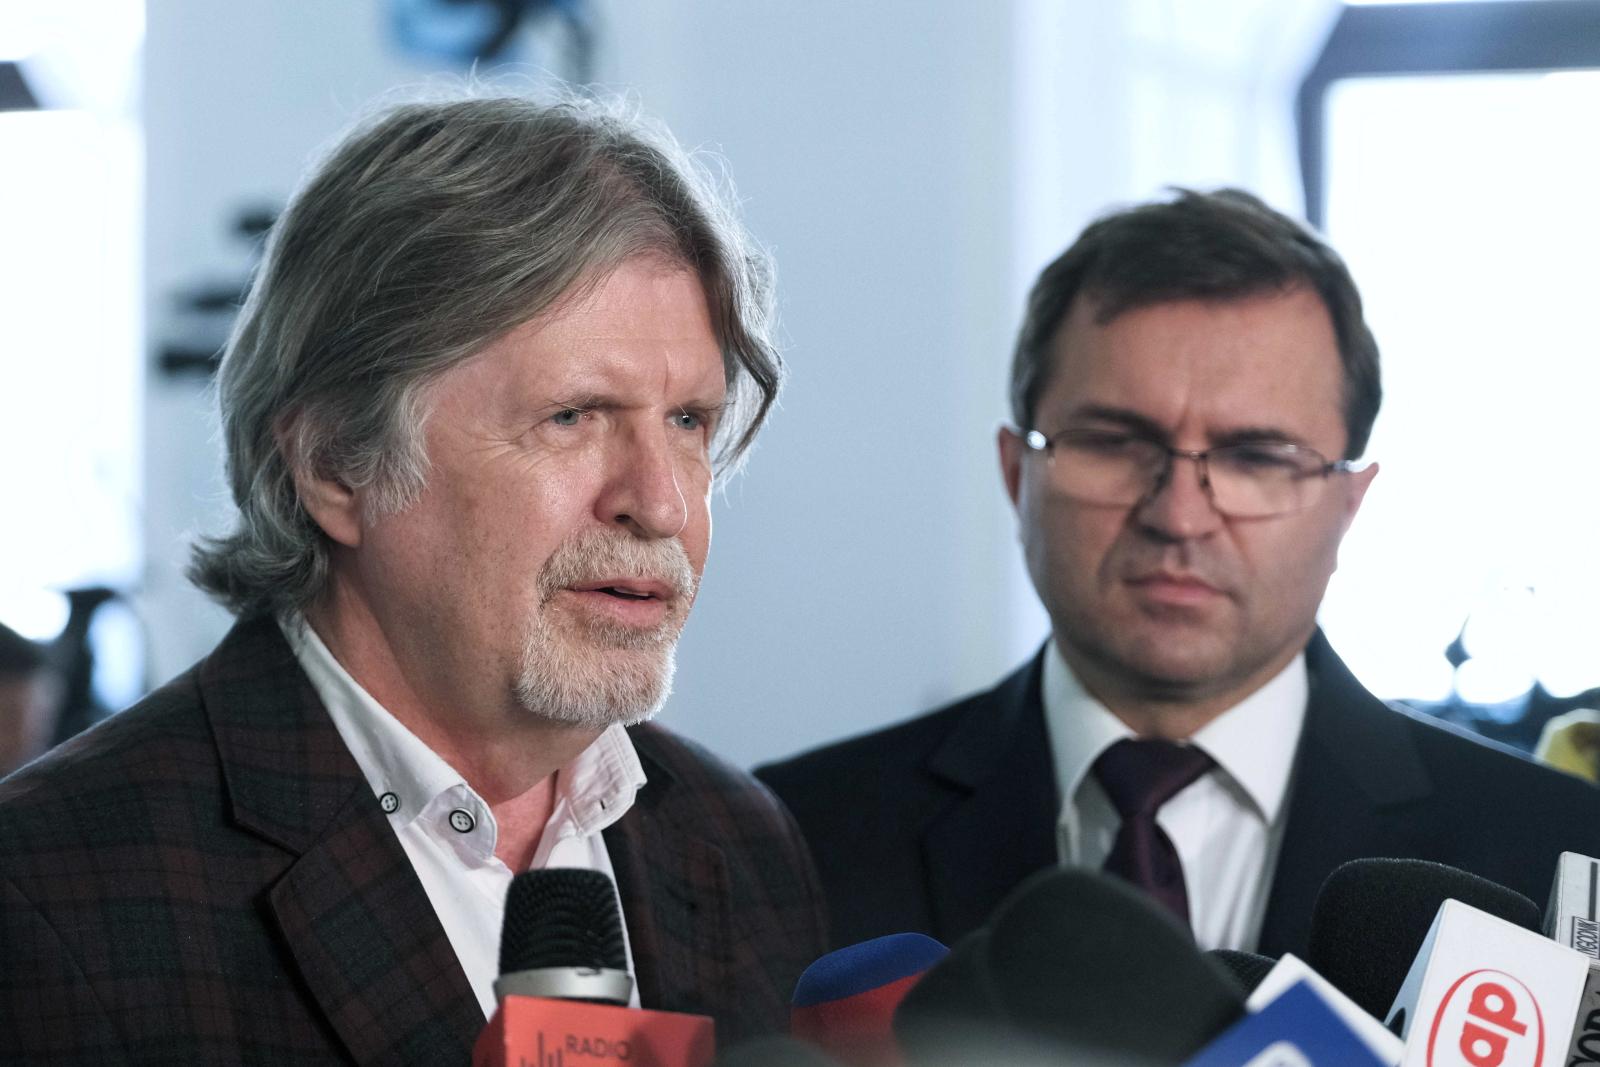 Sośnierz Girzyński